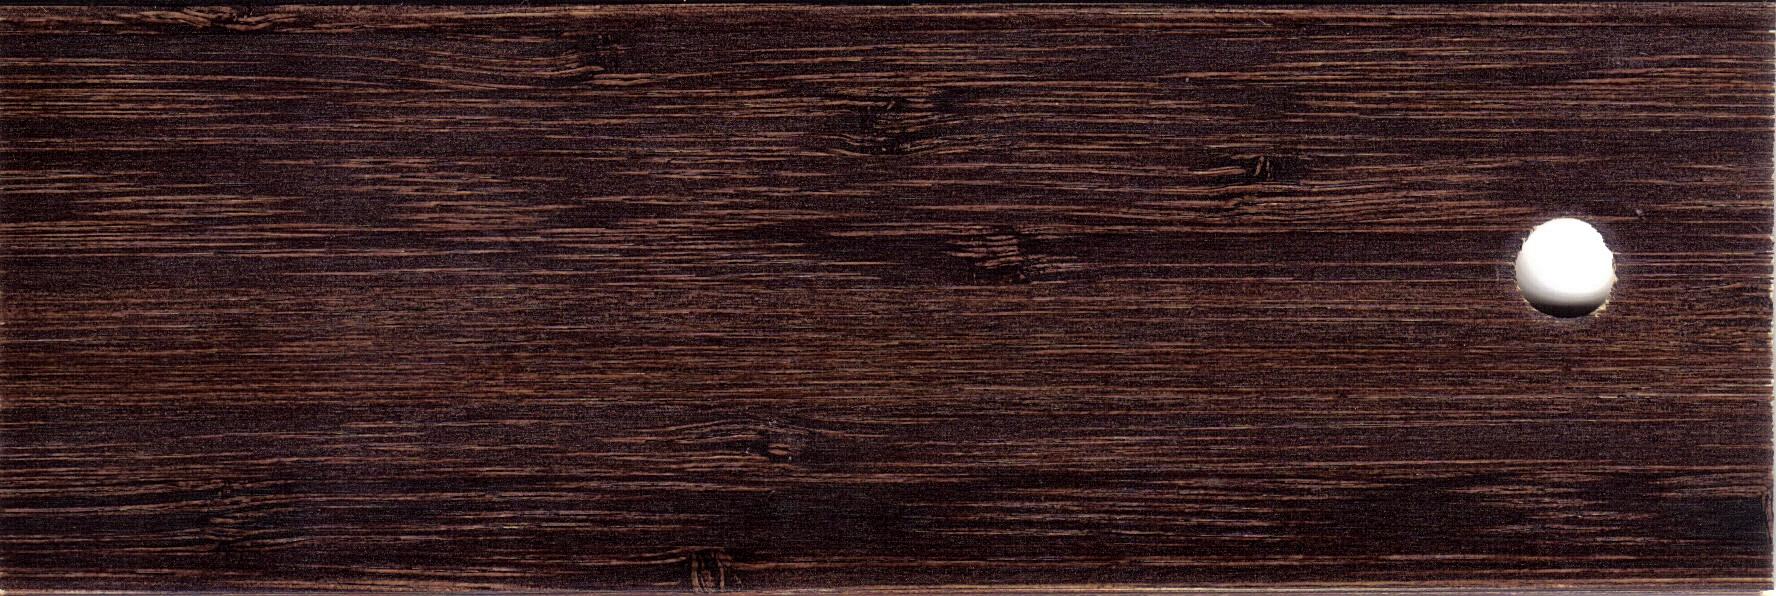 daktyl ŻALUZJE DREWNIANE (żaluzje bambusowe)